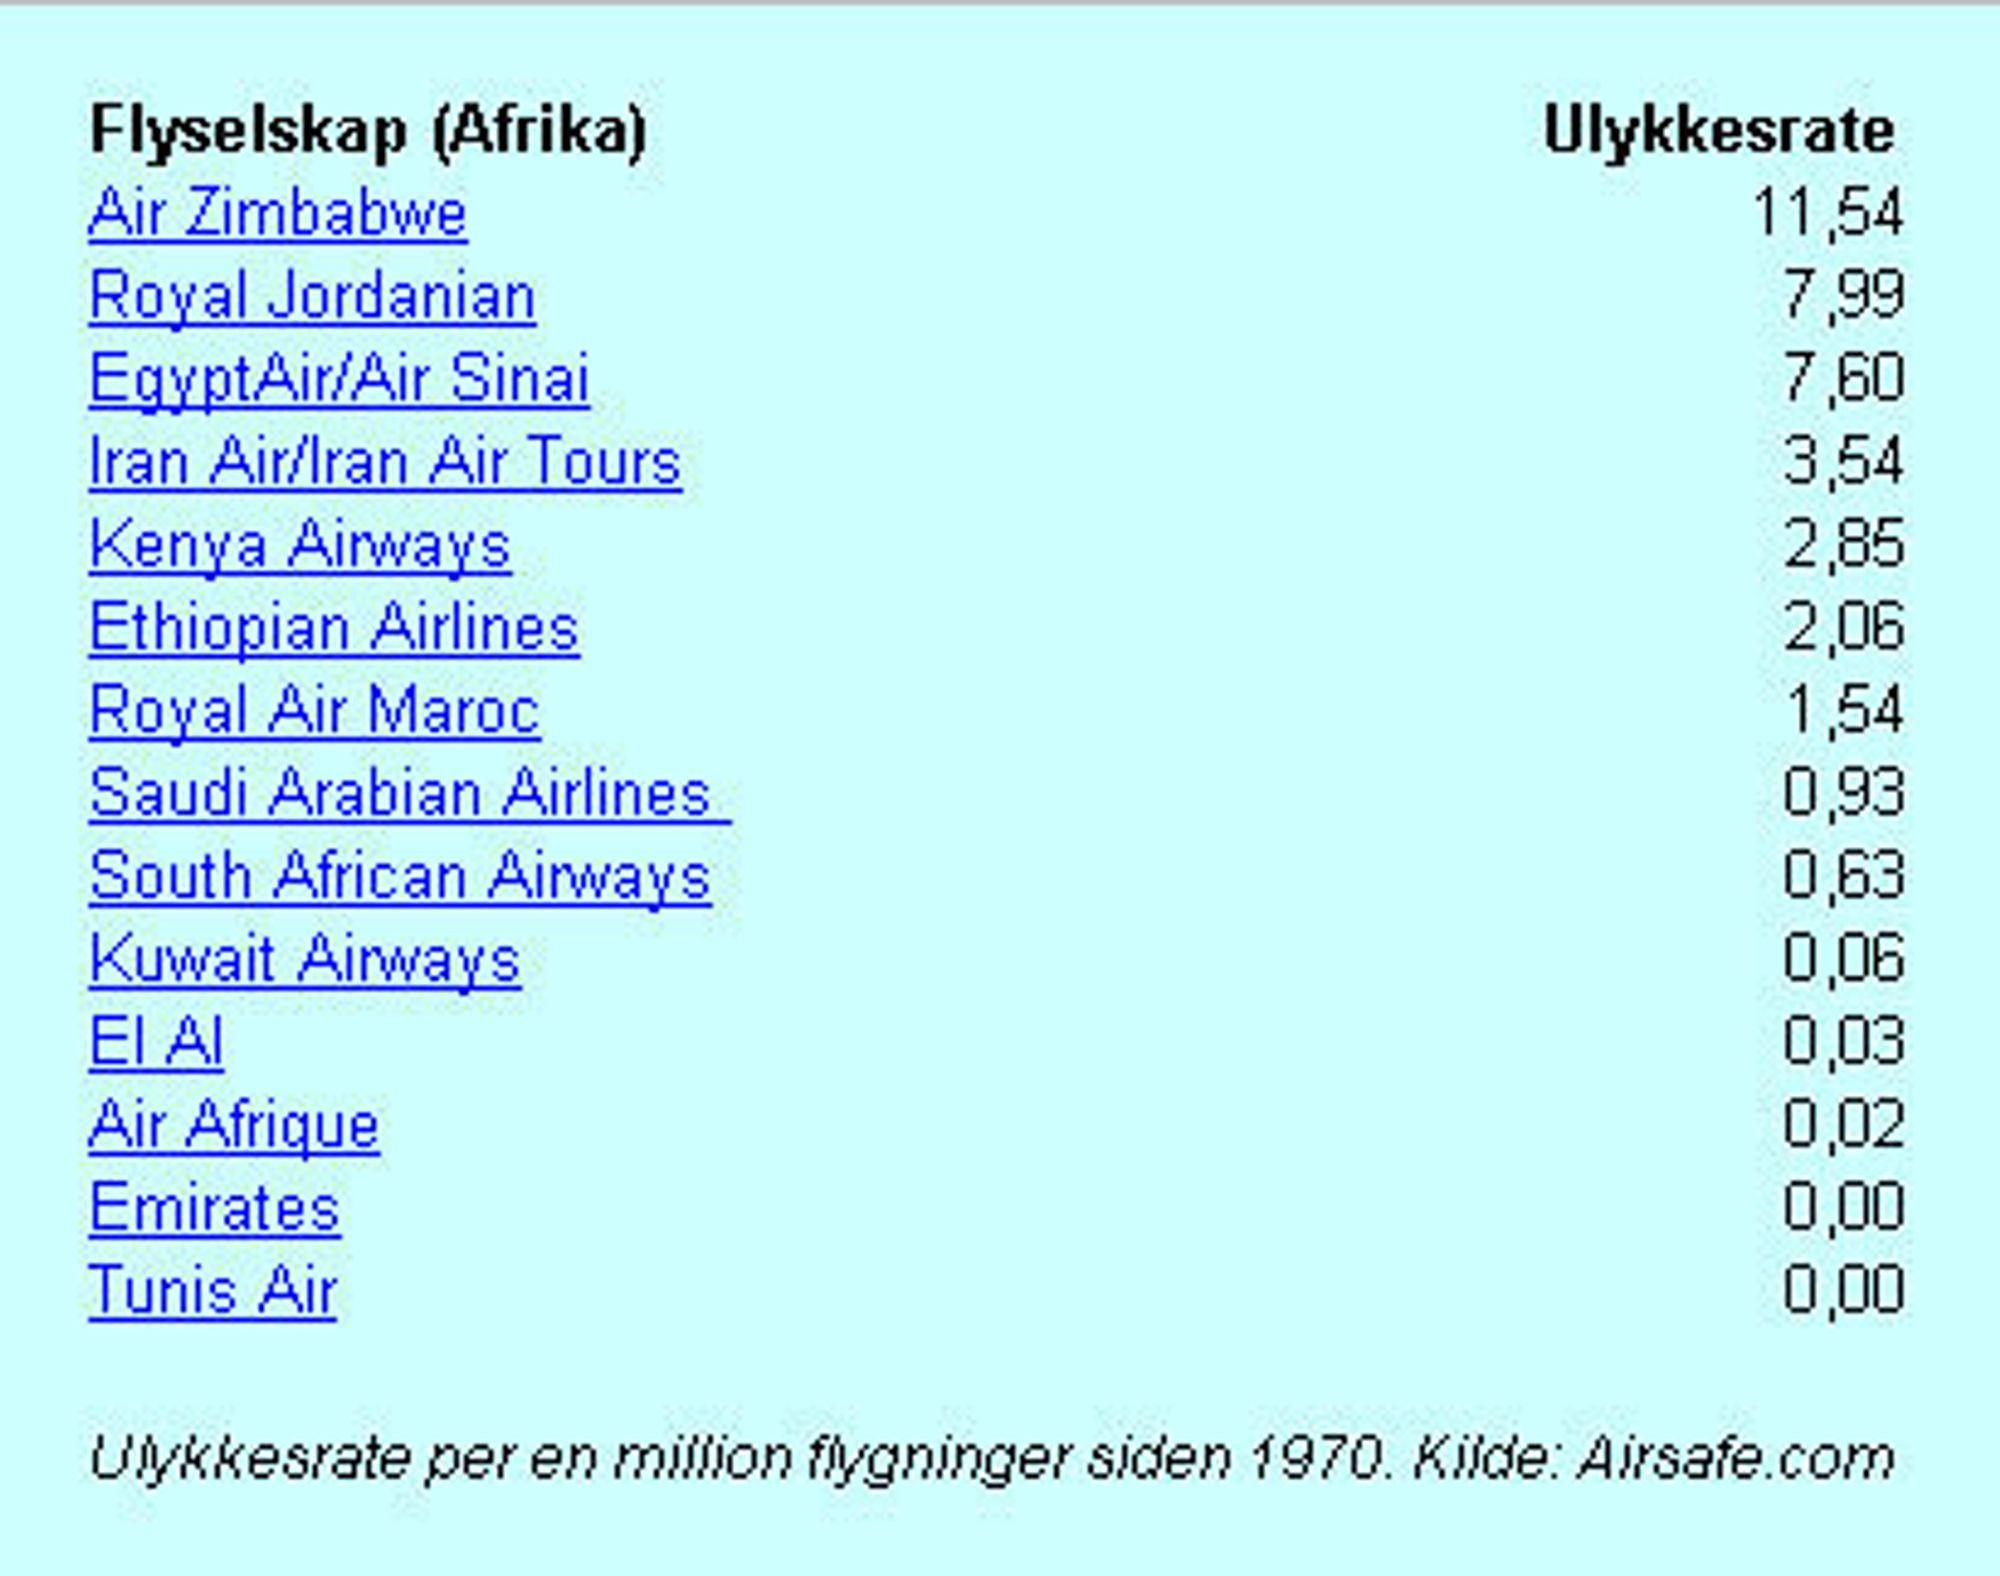 Flyselskaper i Afrika